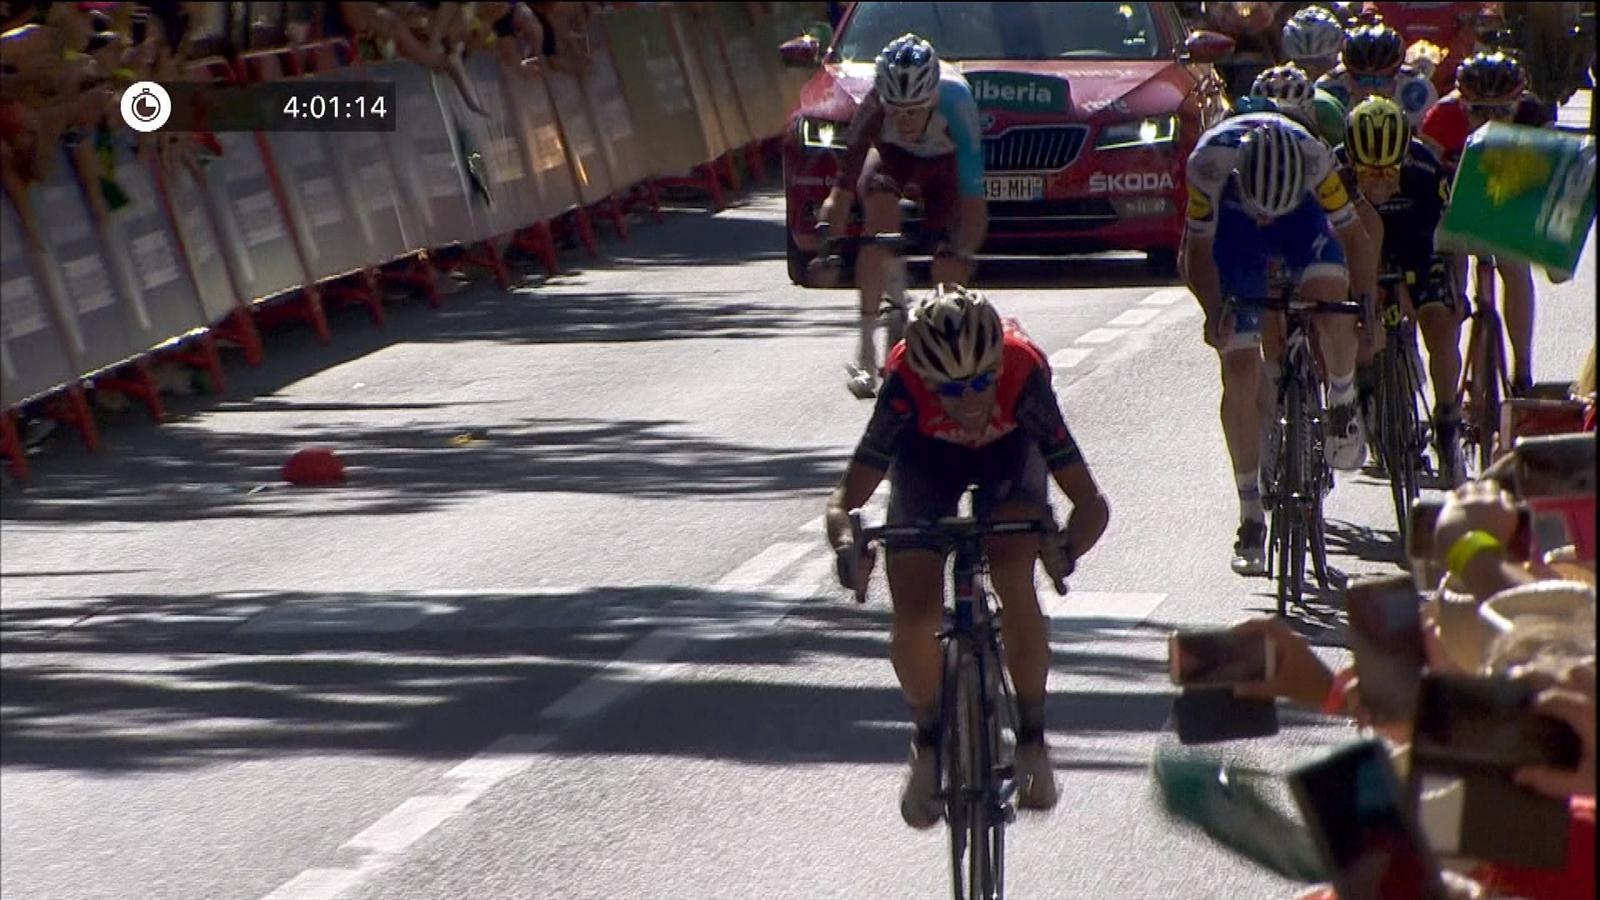 18263e816 Vuelta a Espana 2017  Chris Froome in red as Vincenzo Nibali snatches Stage  3 win - Vuelta a España 2018 - Cycling - Eurosport